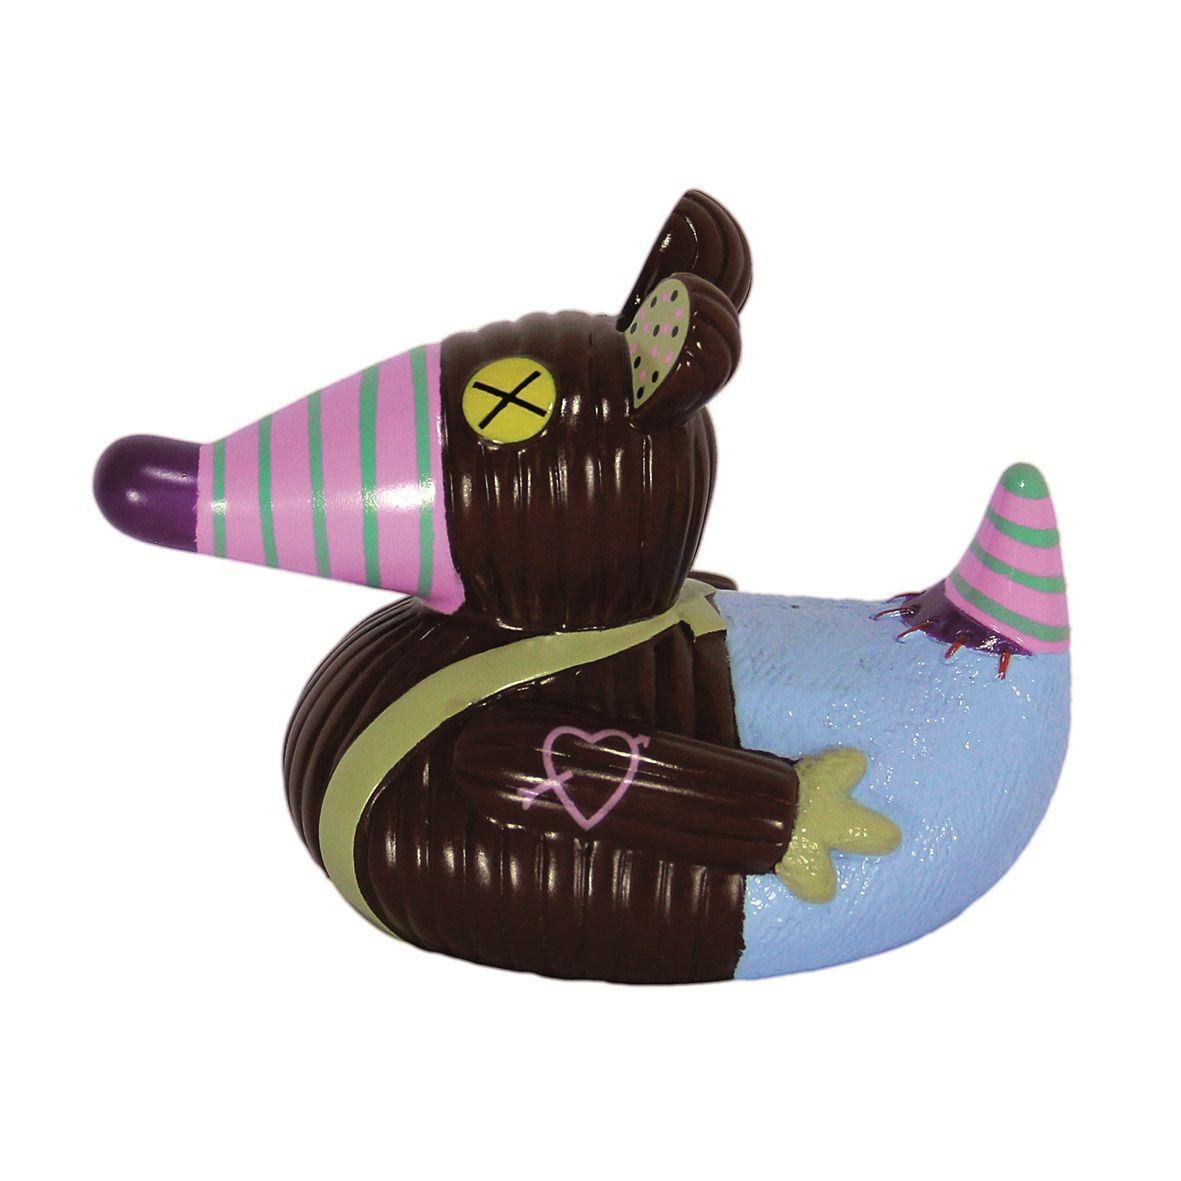 Pato de Banho Ratos, o Rato Deglingos